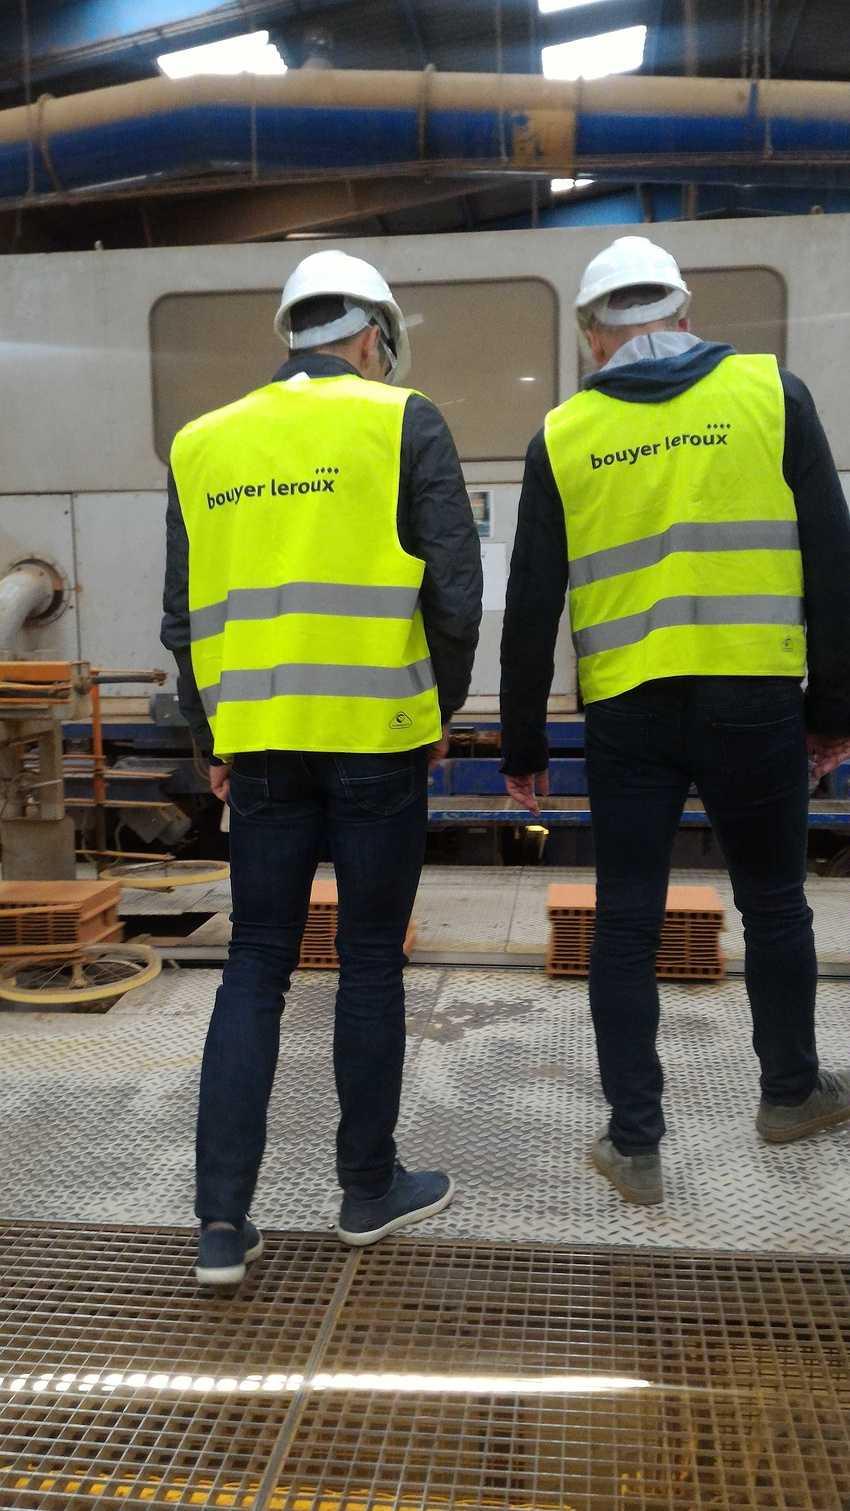 Visite Bouyer Leroux - Fabrication du Bloc en terre cuite p20180601121500